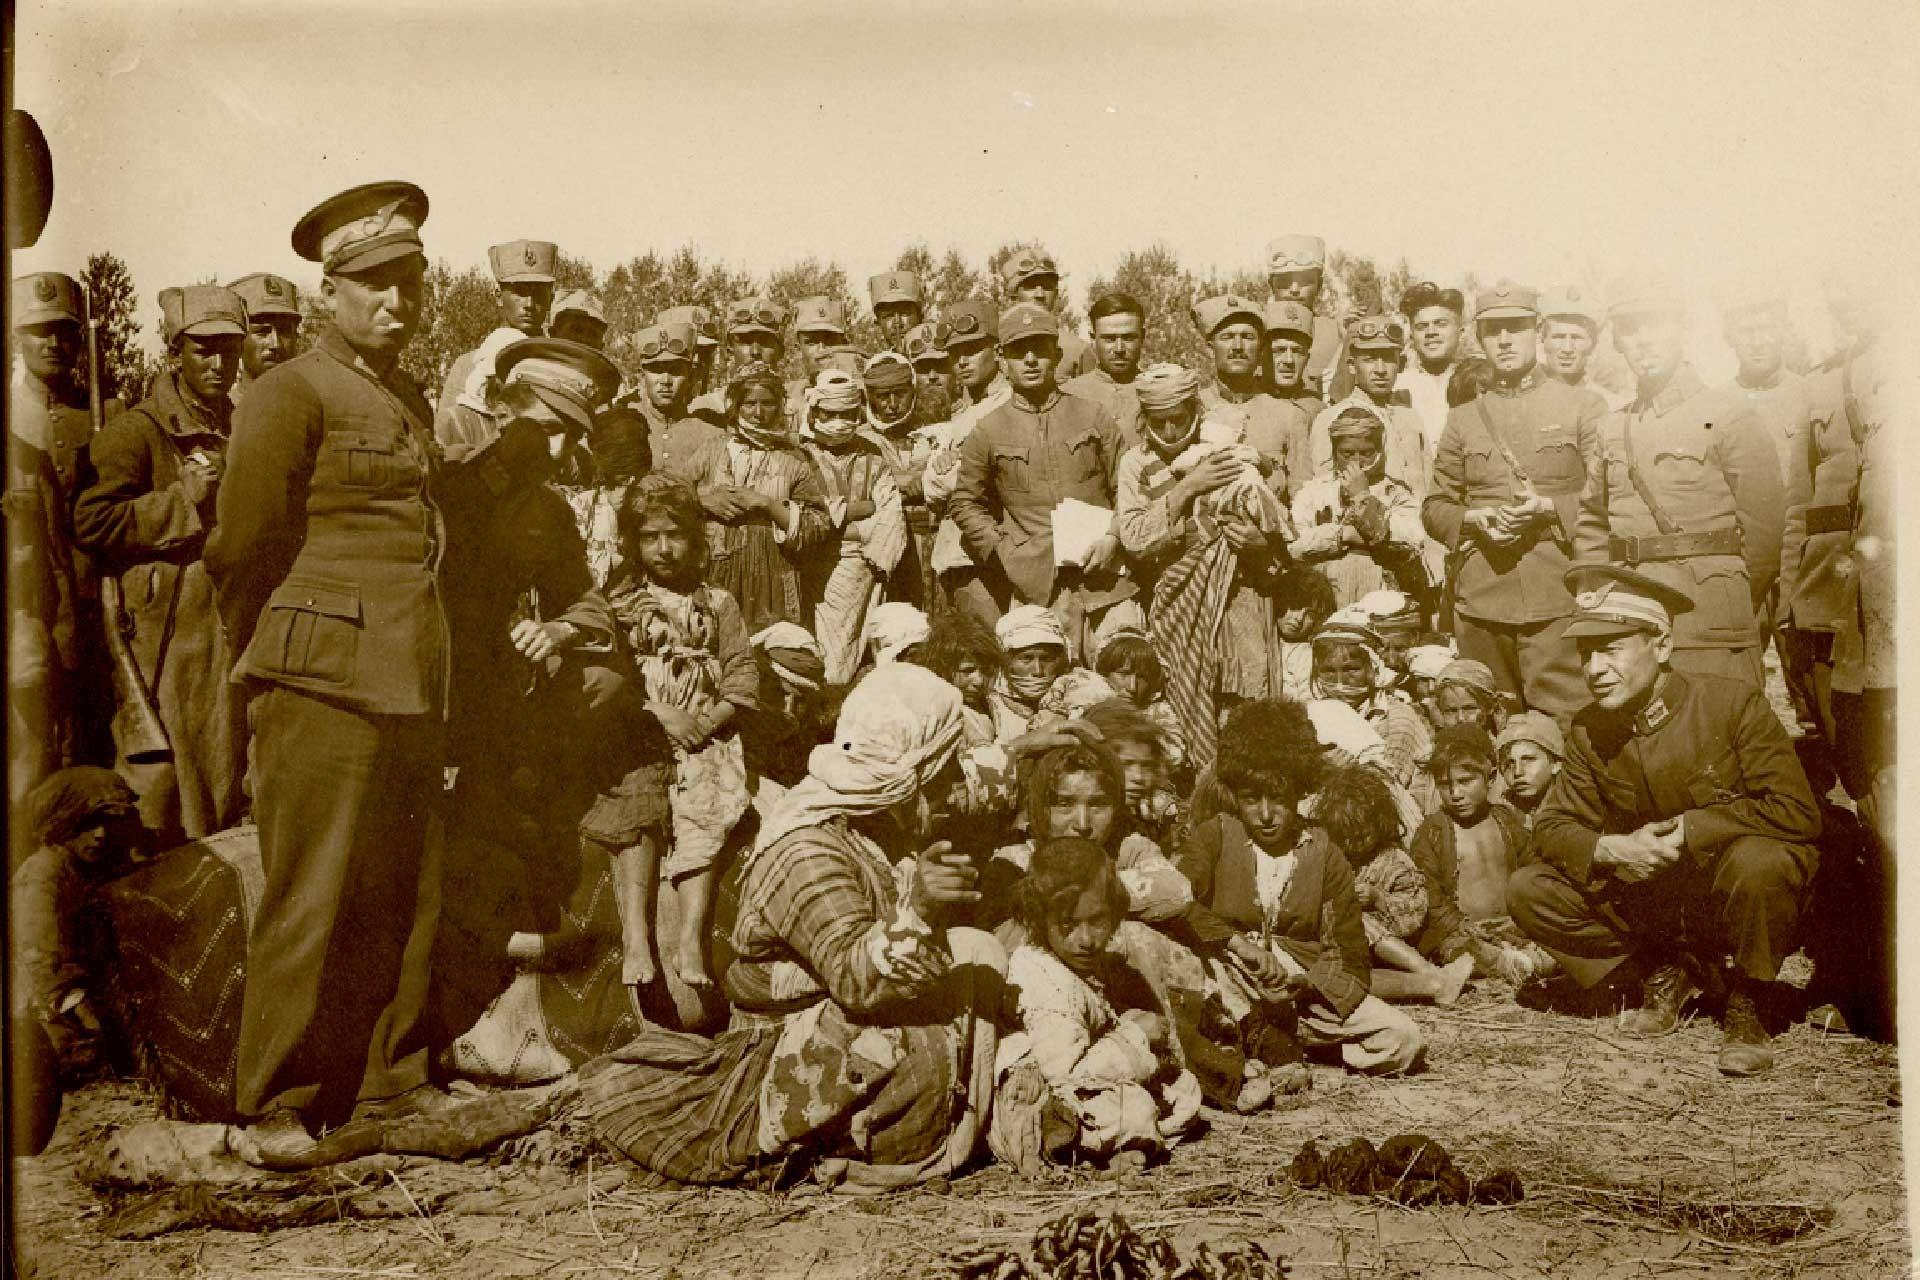 1937 tarihli fotoğraf için,